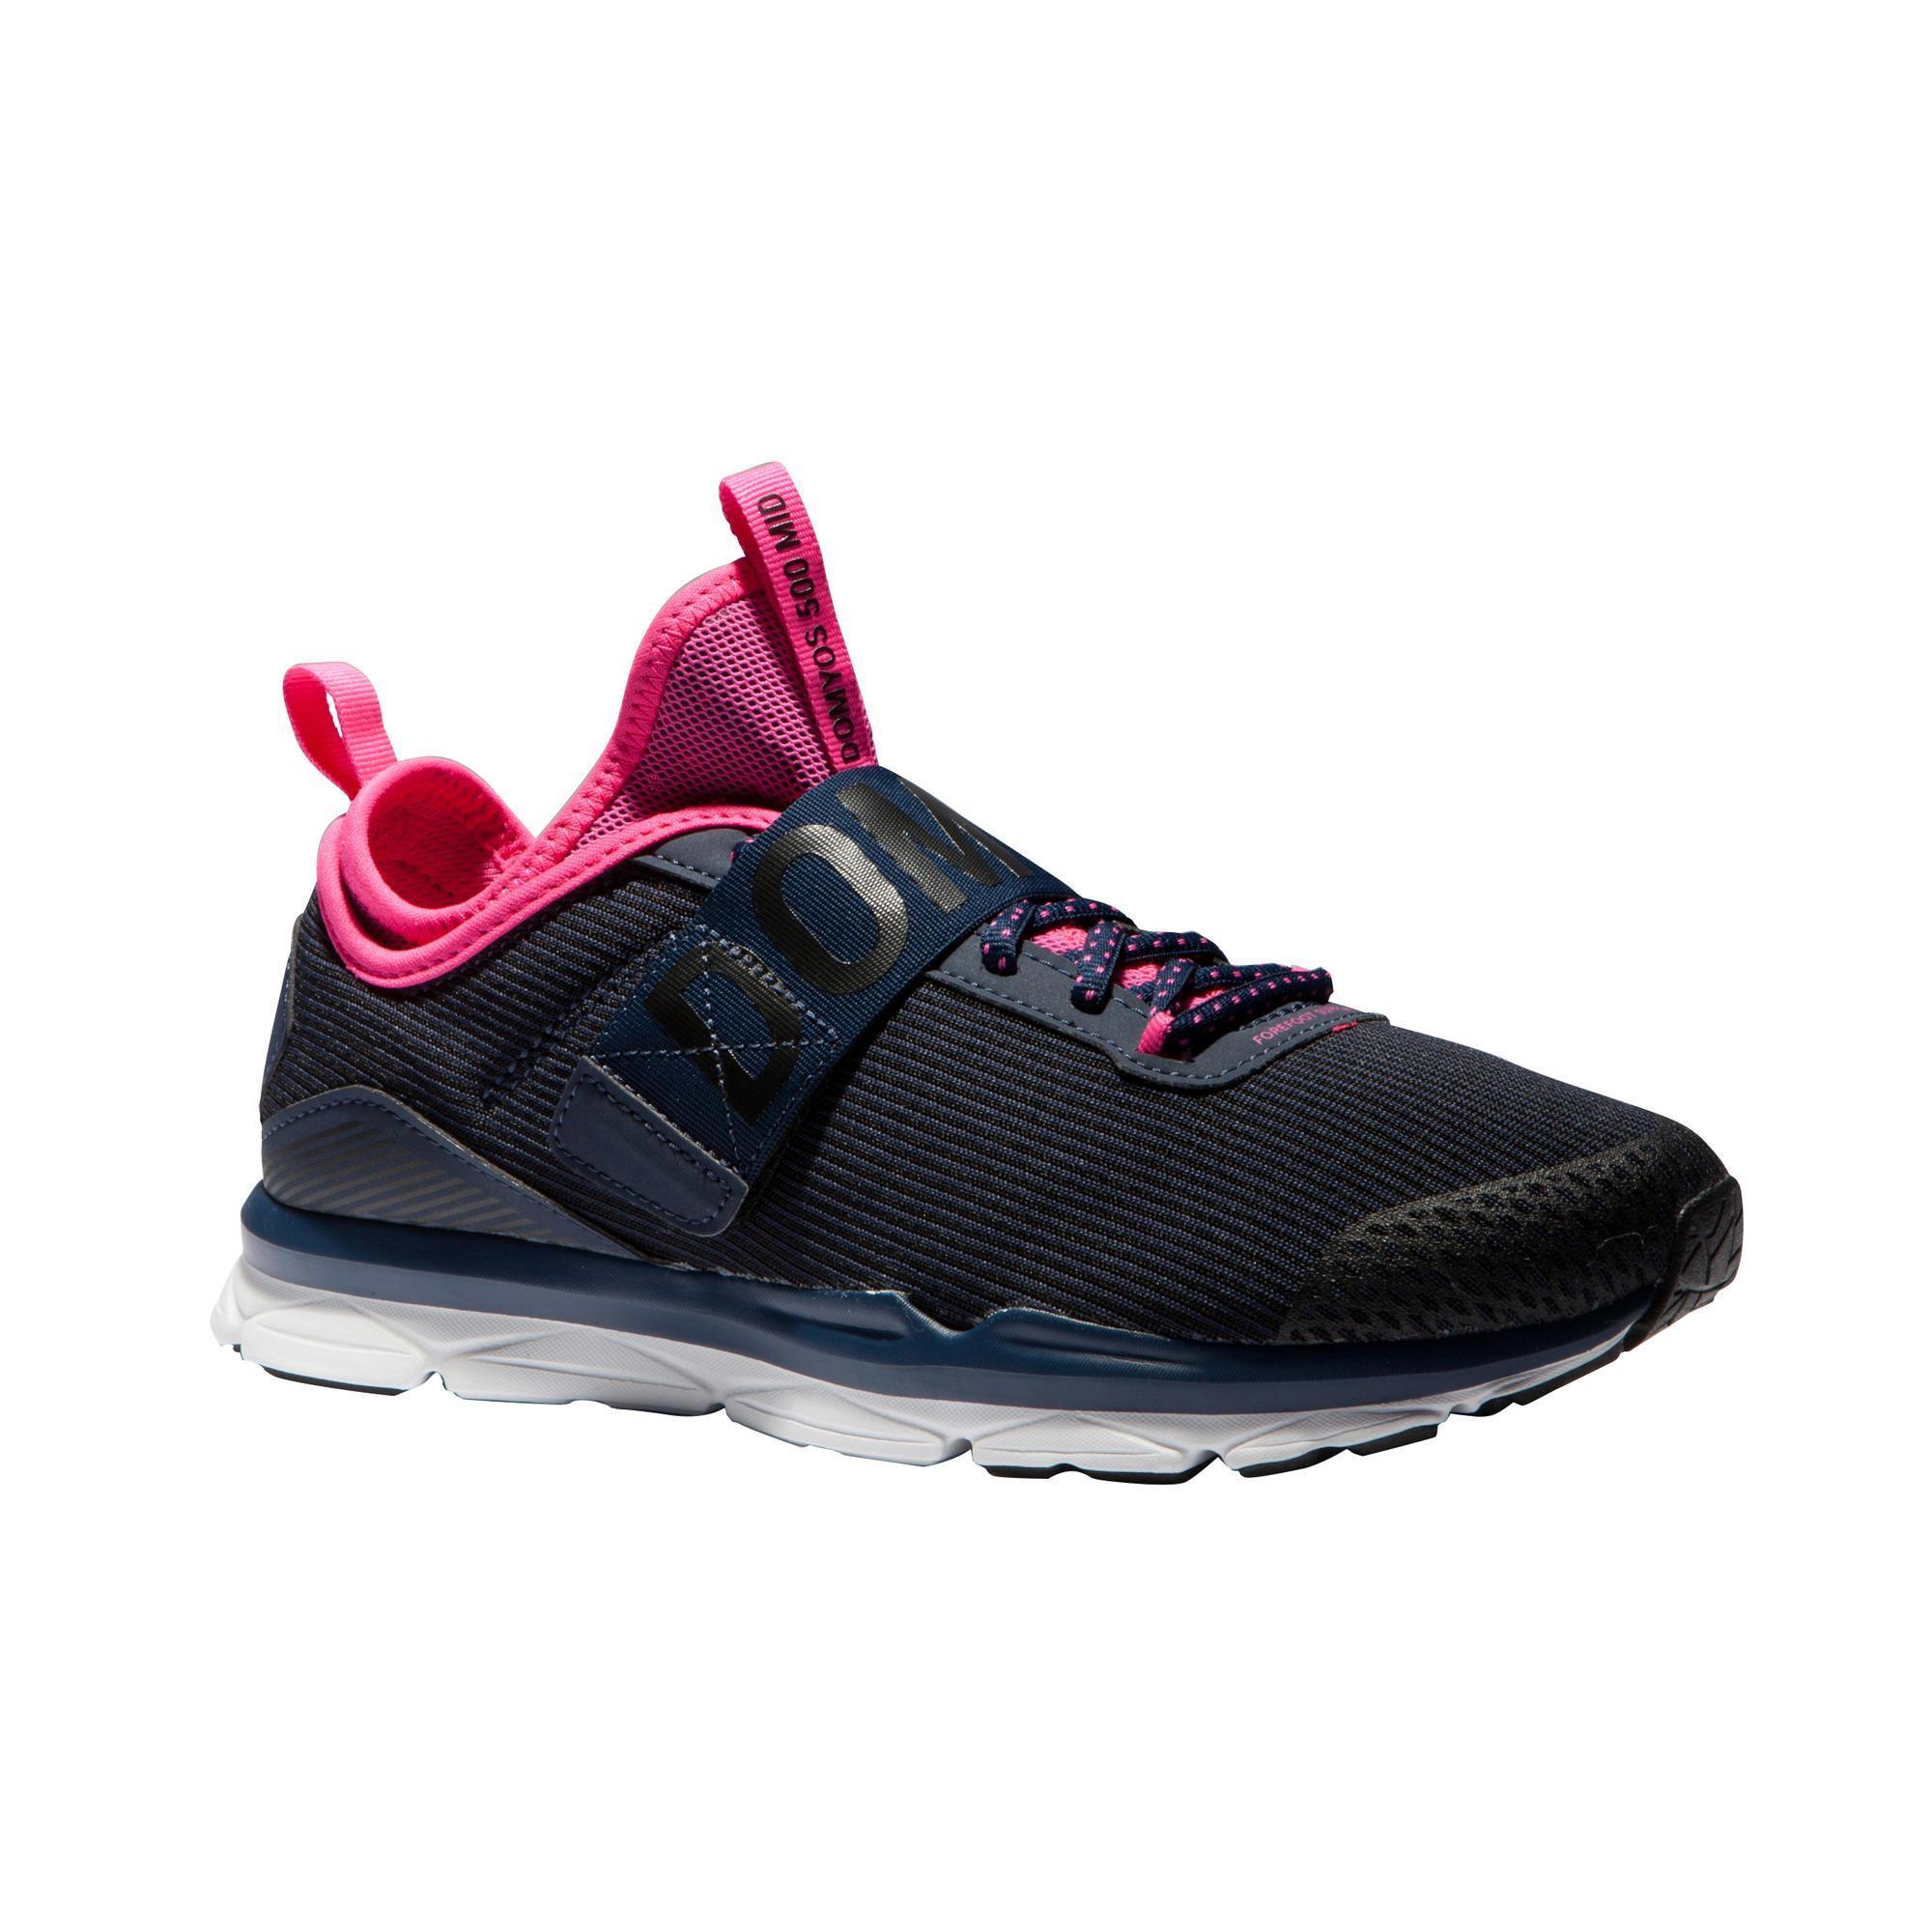 Domyos Fitness schoenen cardiotraining 500 Mid voor dames, blauw/roze